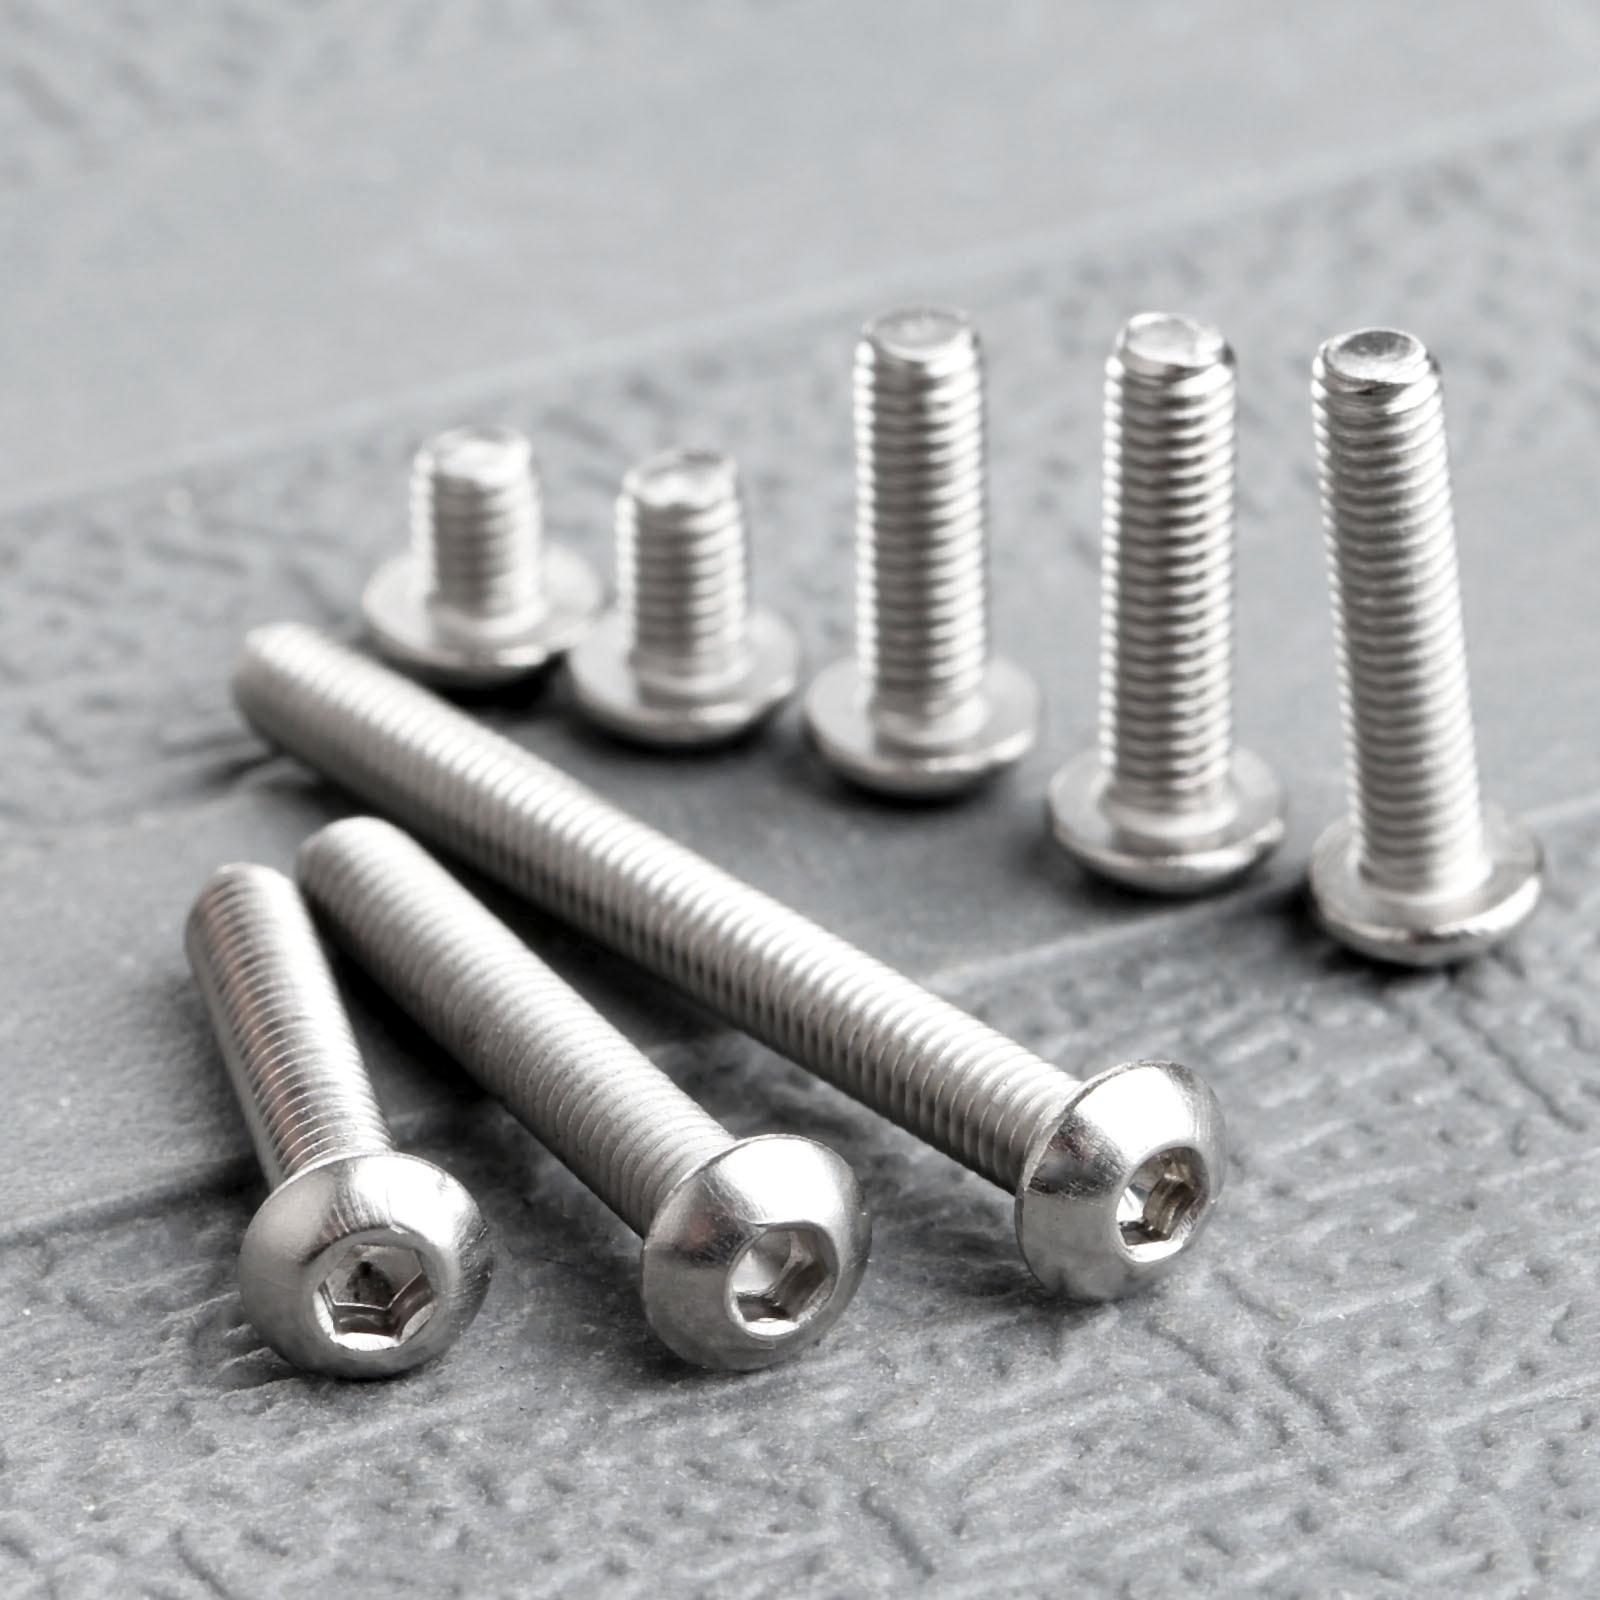 50Pc vis en acier inoxydable douille hexagonale tête ronde M3 vis boulon fixation de meubles M3 * 4mm/5mm/10mm/12mm/14mm/16mm/20mm/30mm